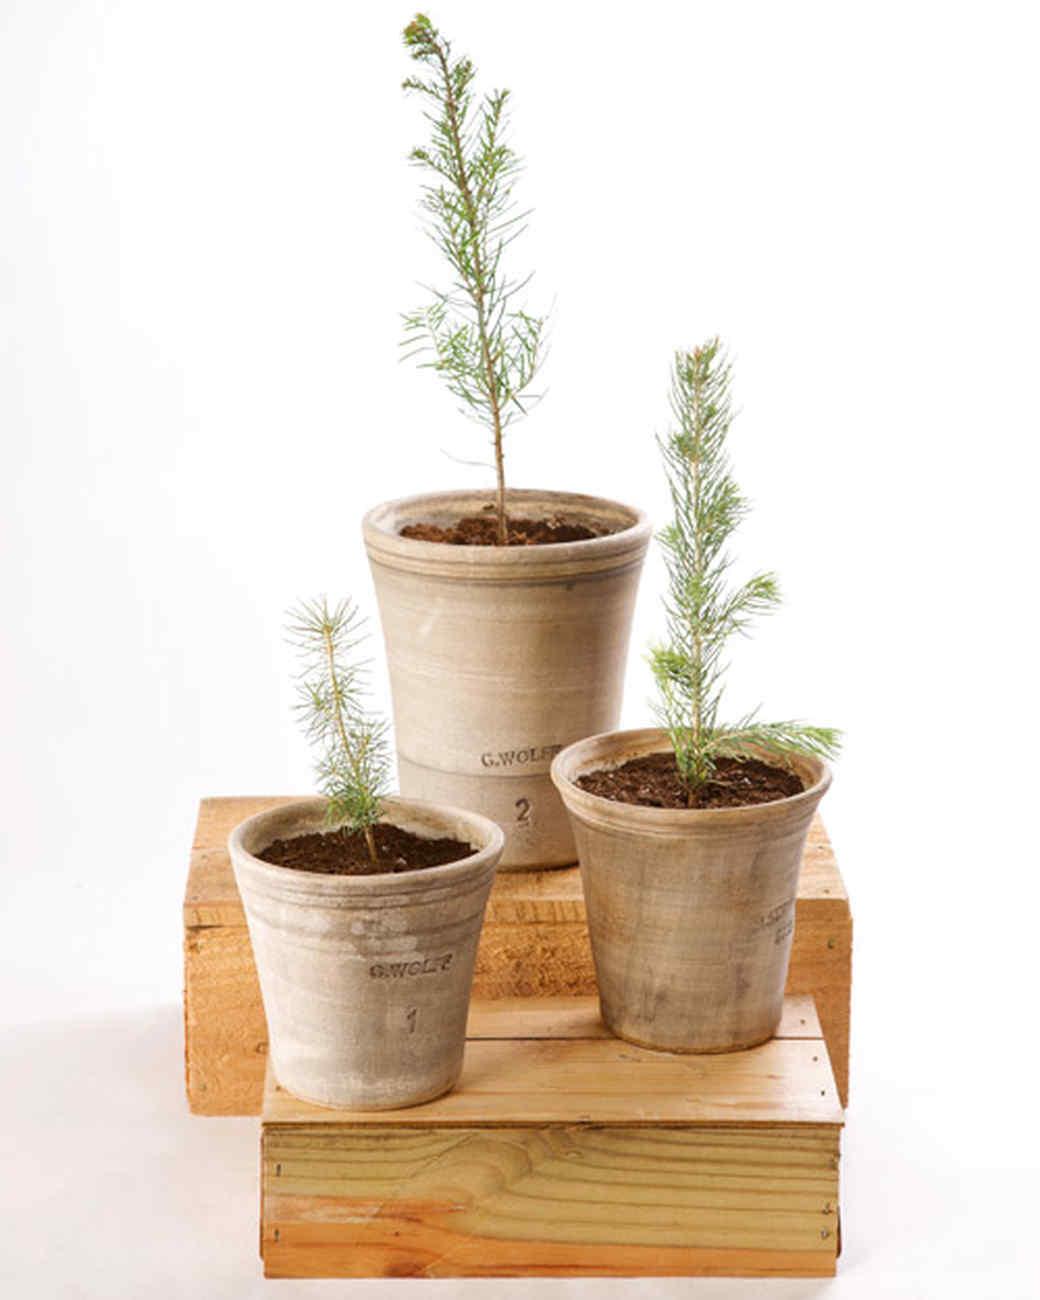 4149_042409_plantedtree.jpg